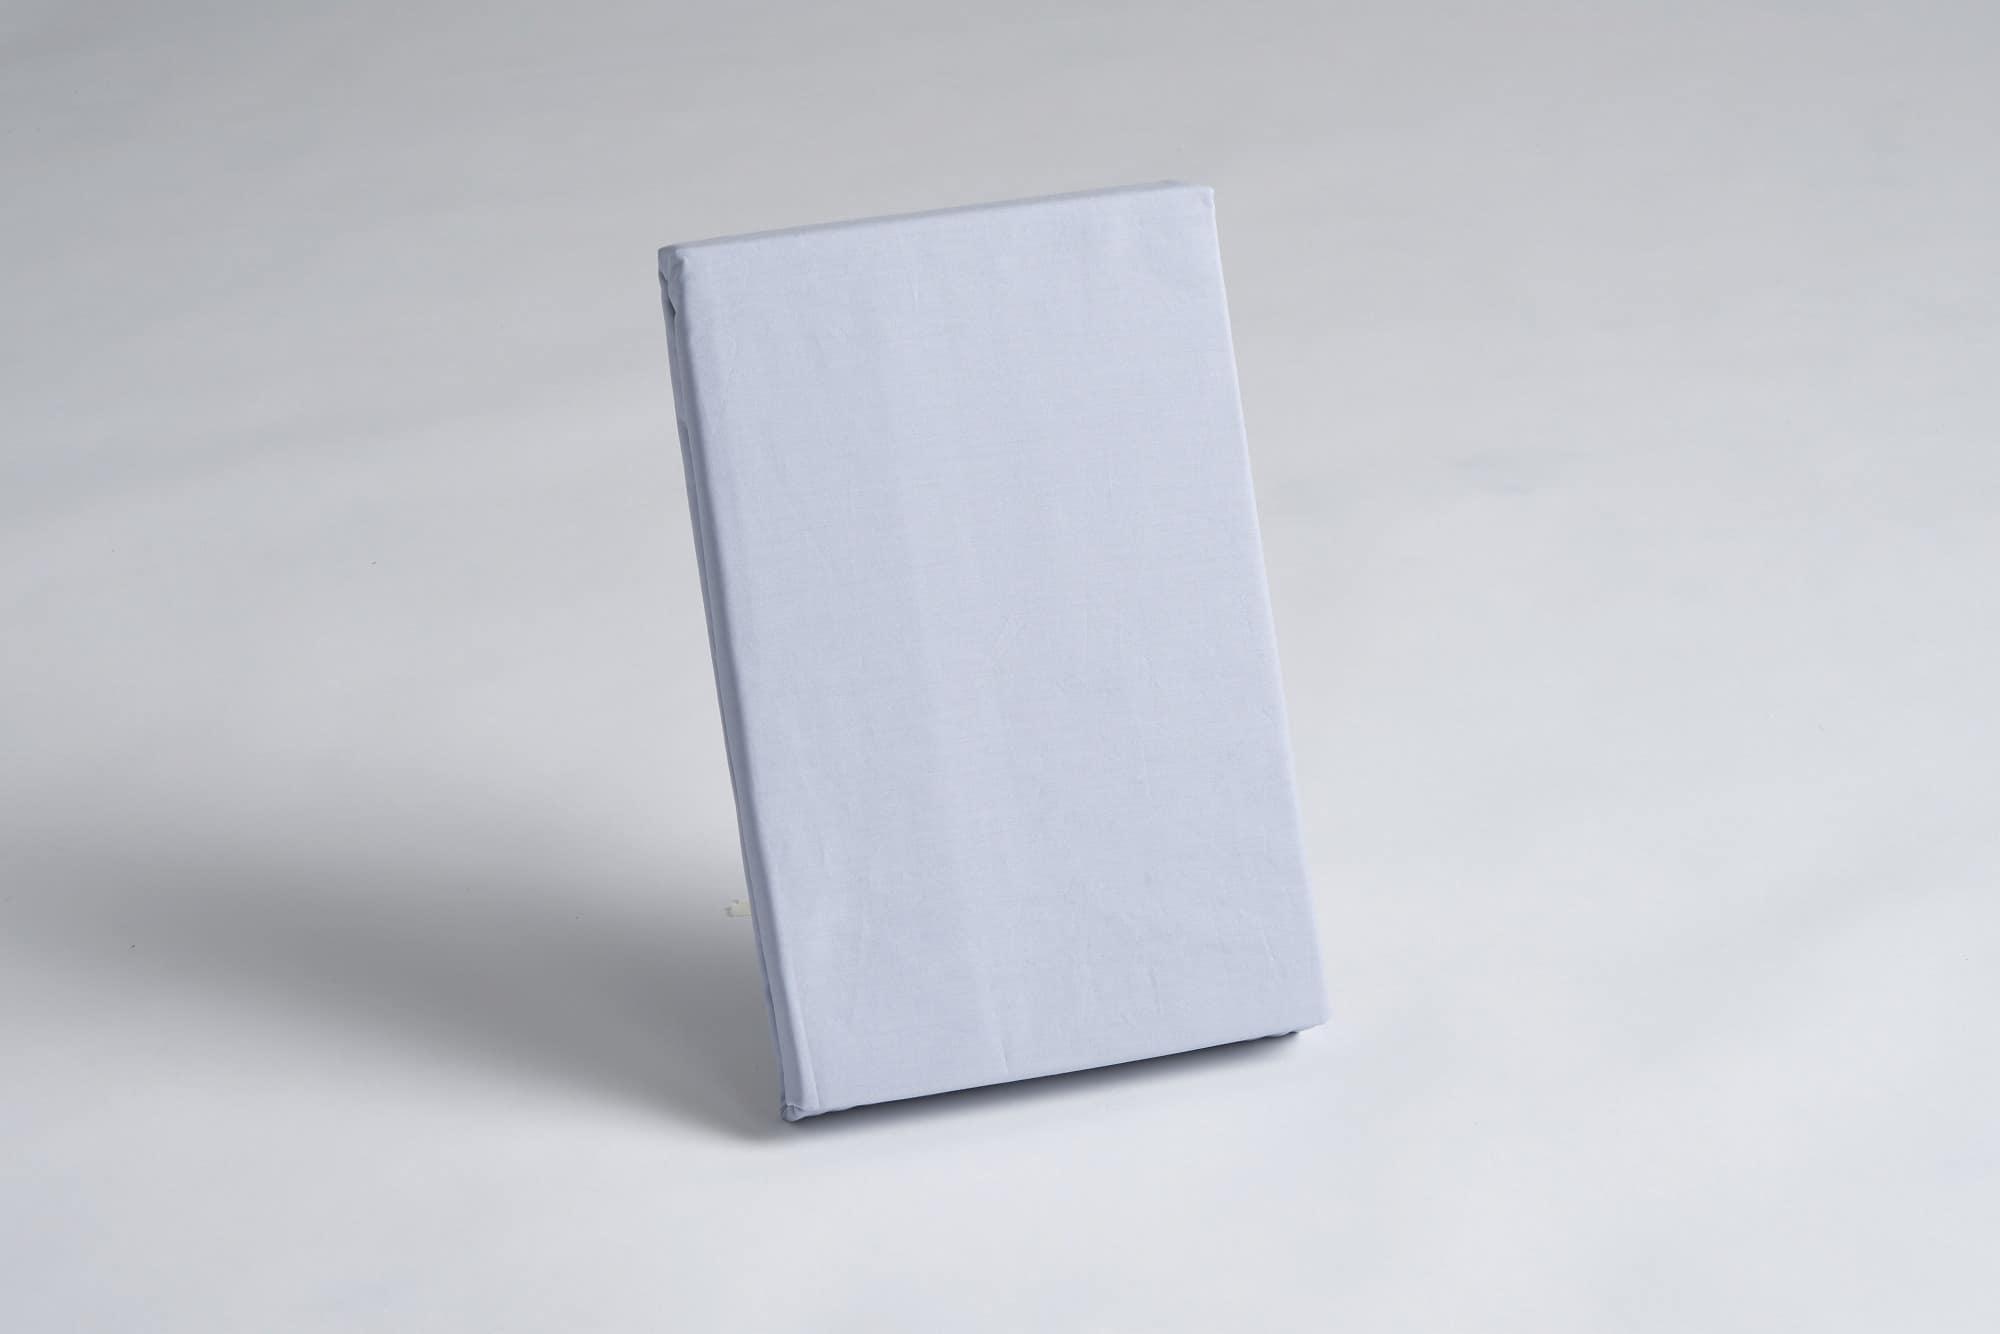 ボックスシーツ クイーン2用 36H ブルー:《綿100%を使用したボックスシーツ》